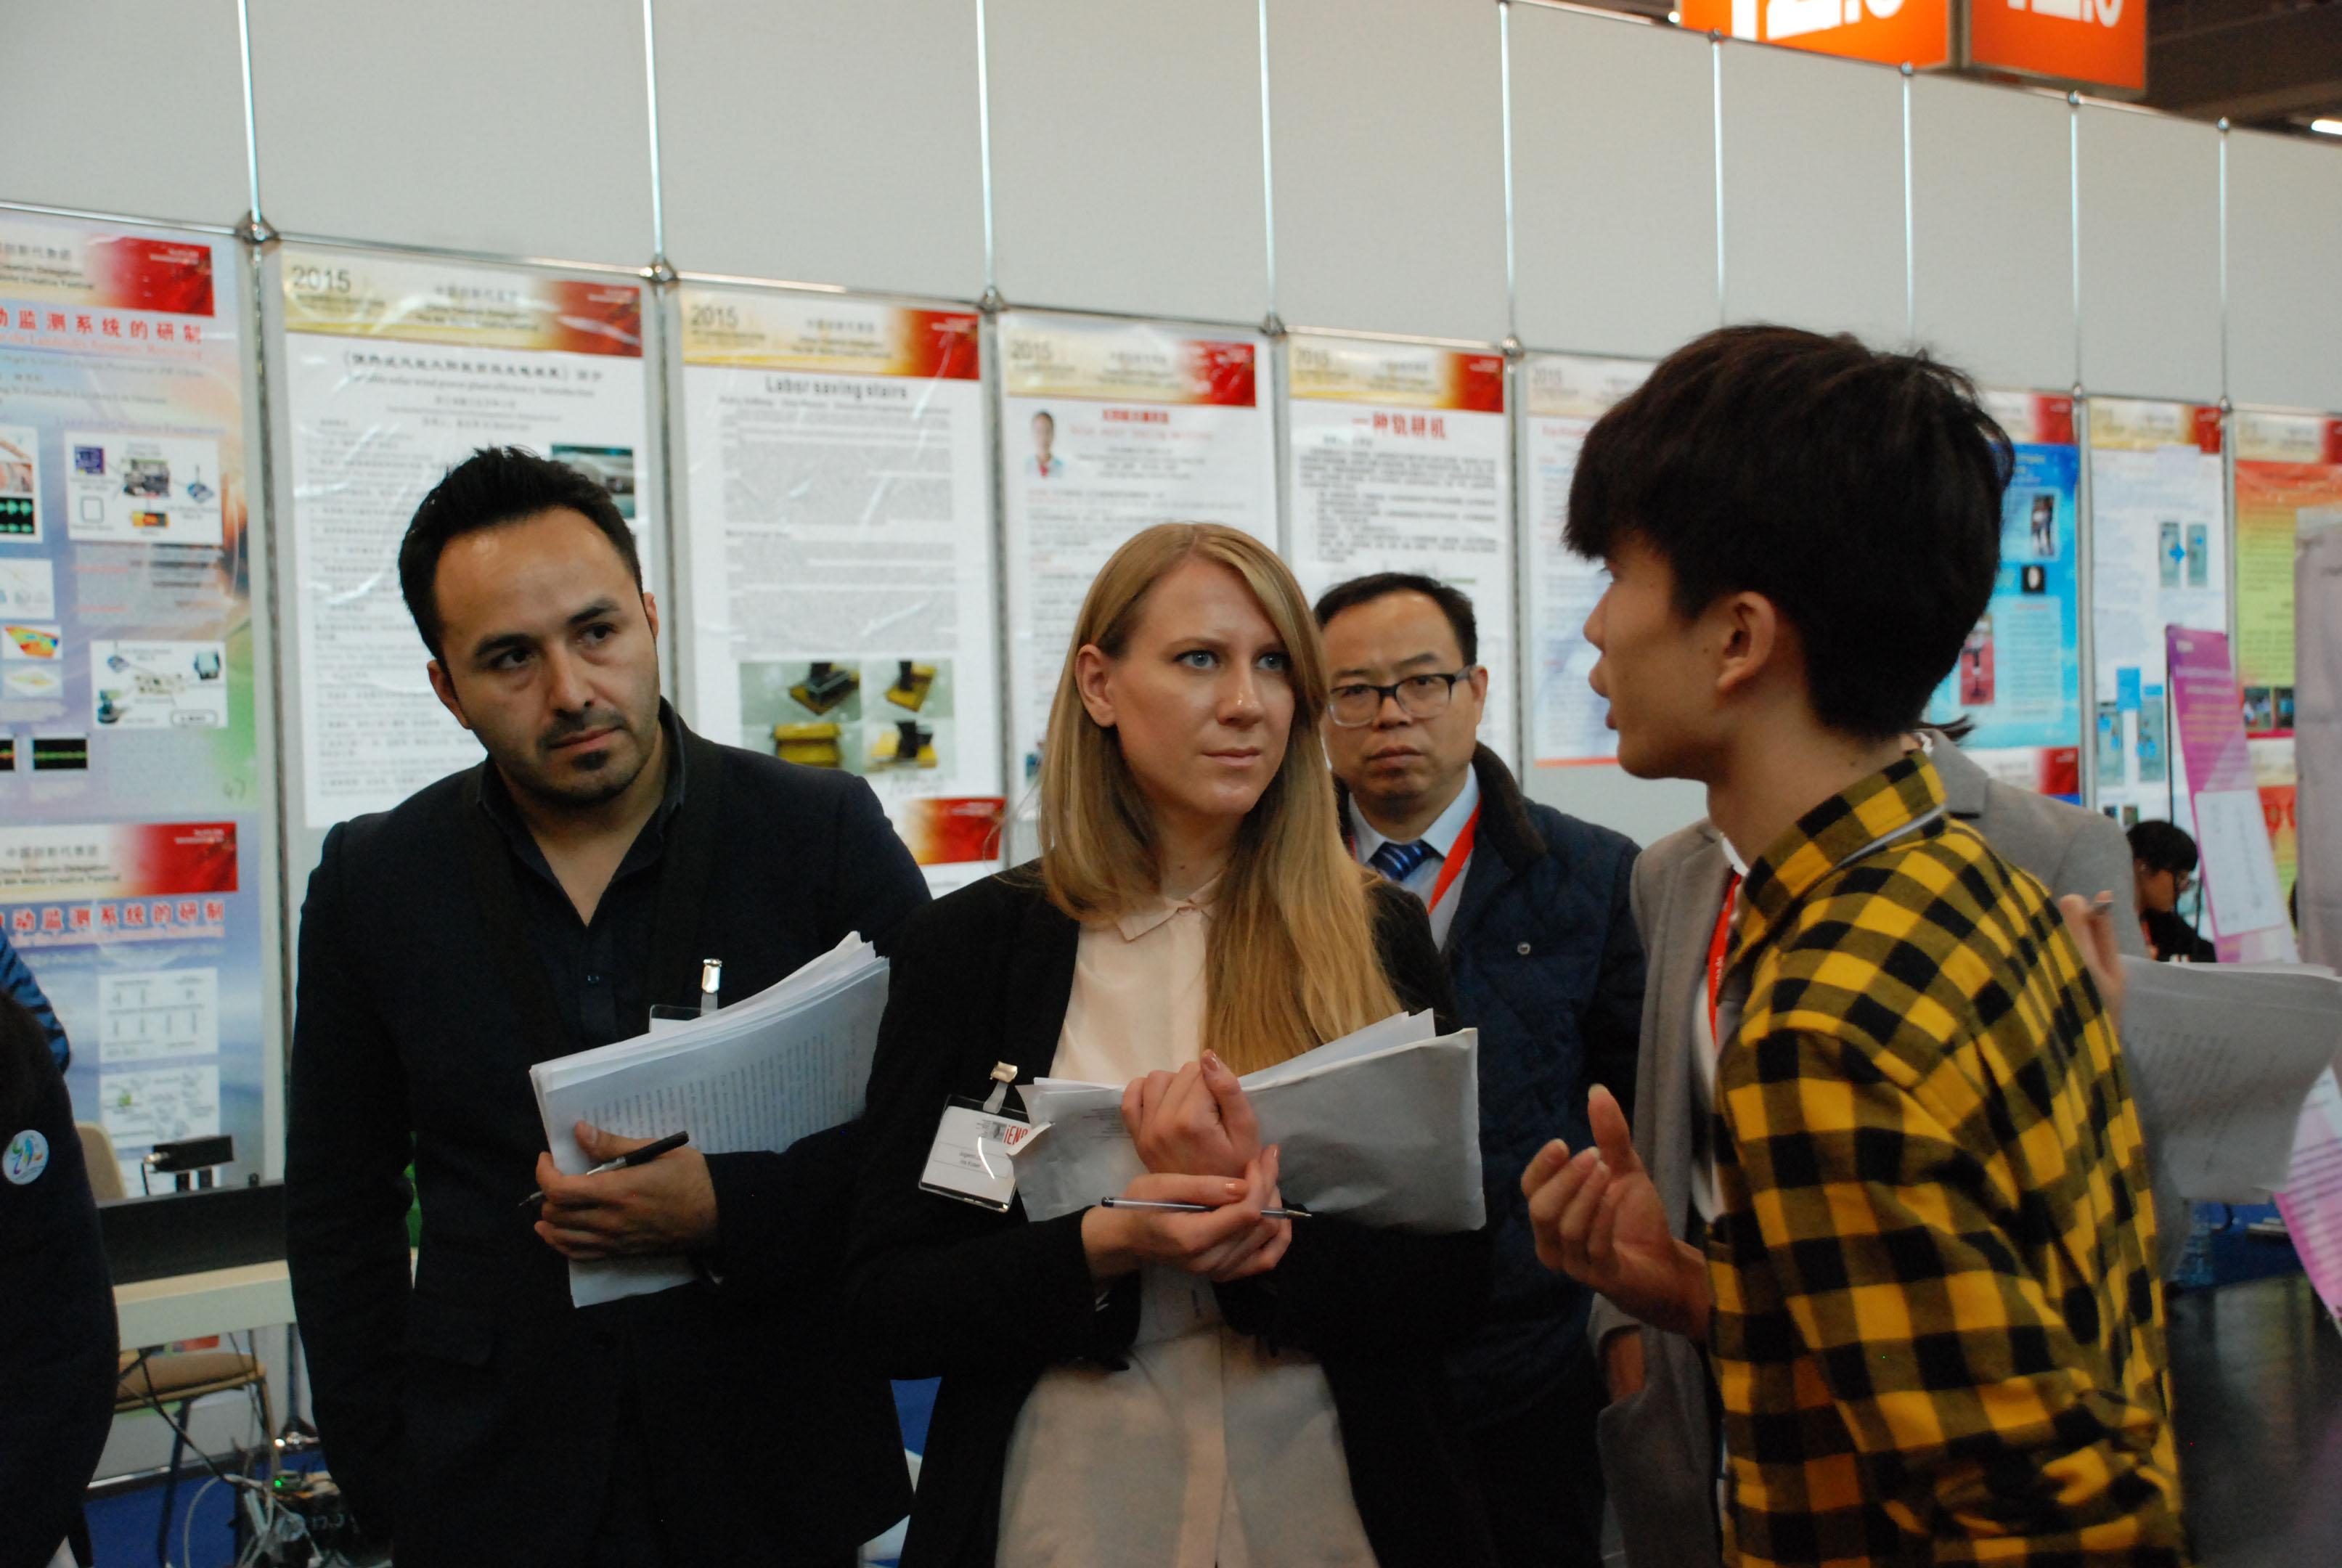 2015年第67届德国纽伦堡国际发明展活动照片